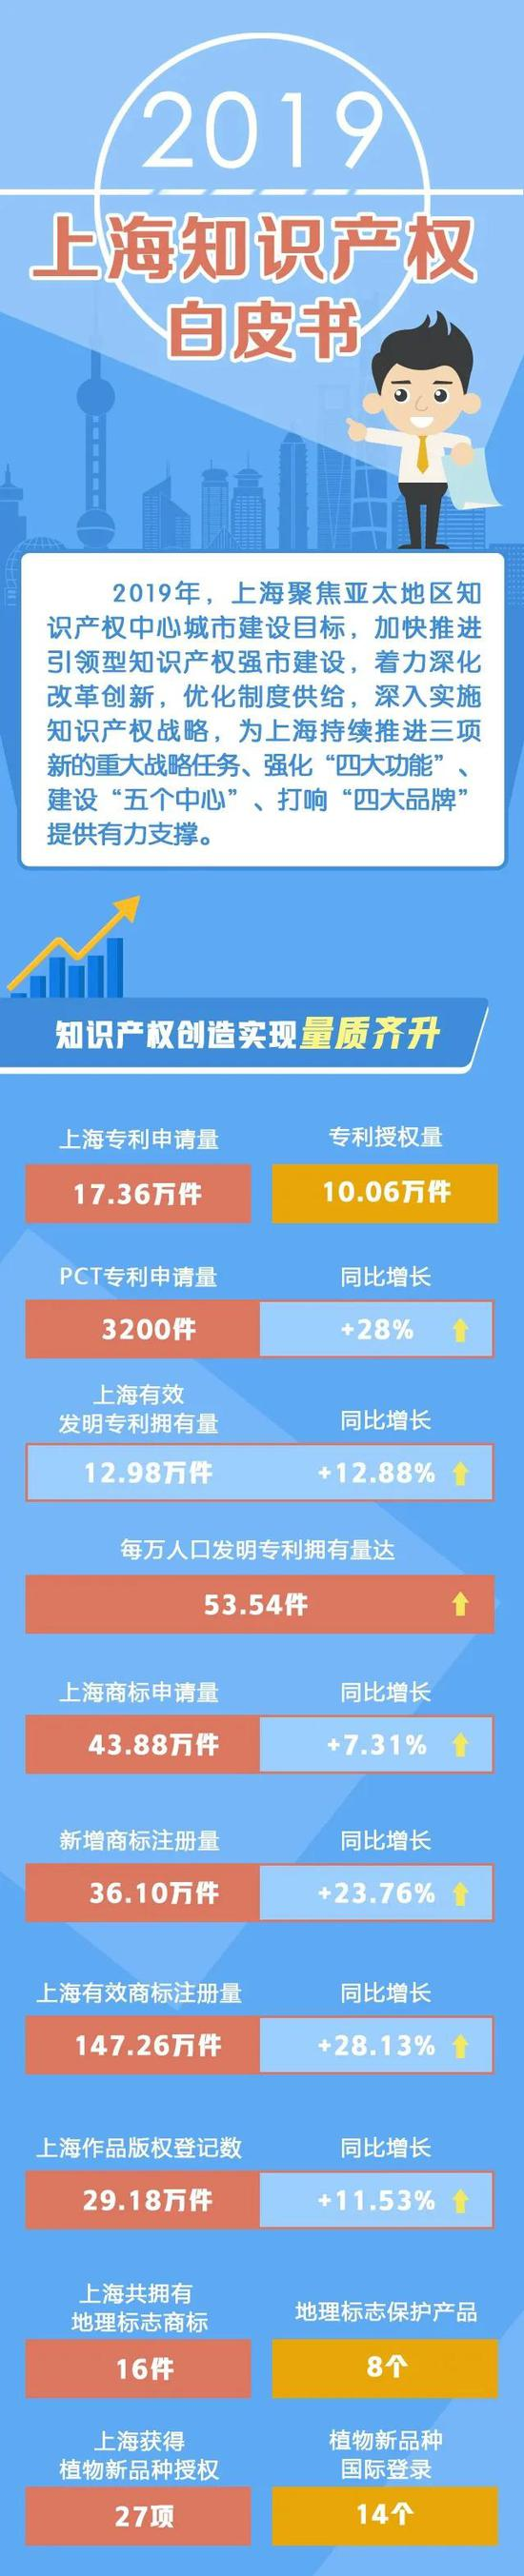 上海打造亚太地区知识产权中心城